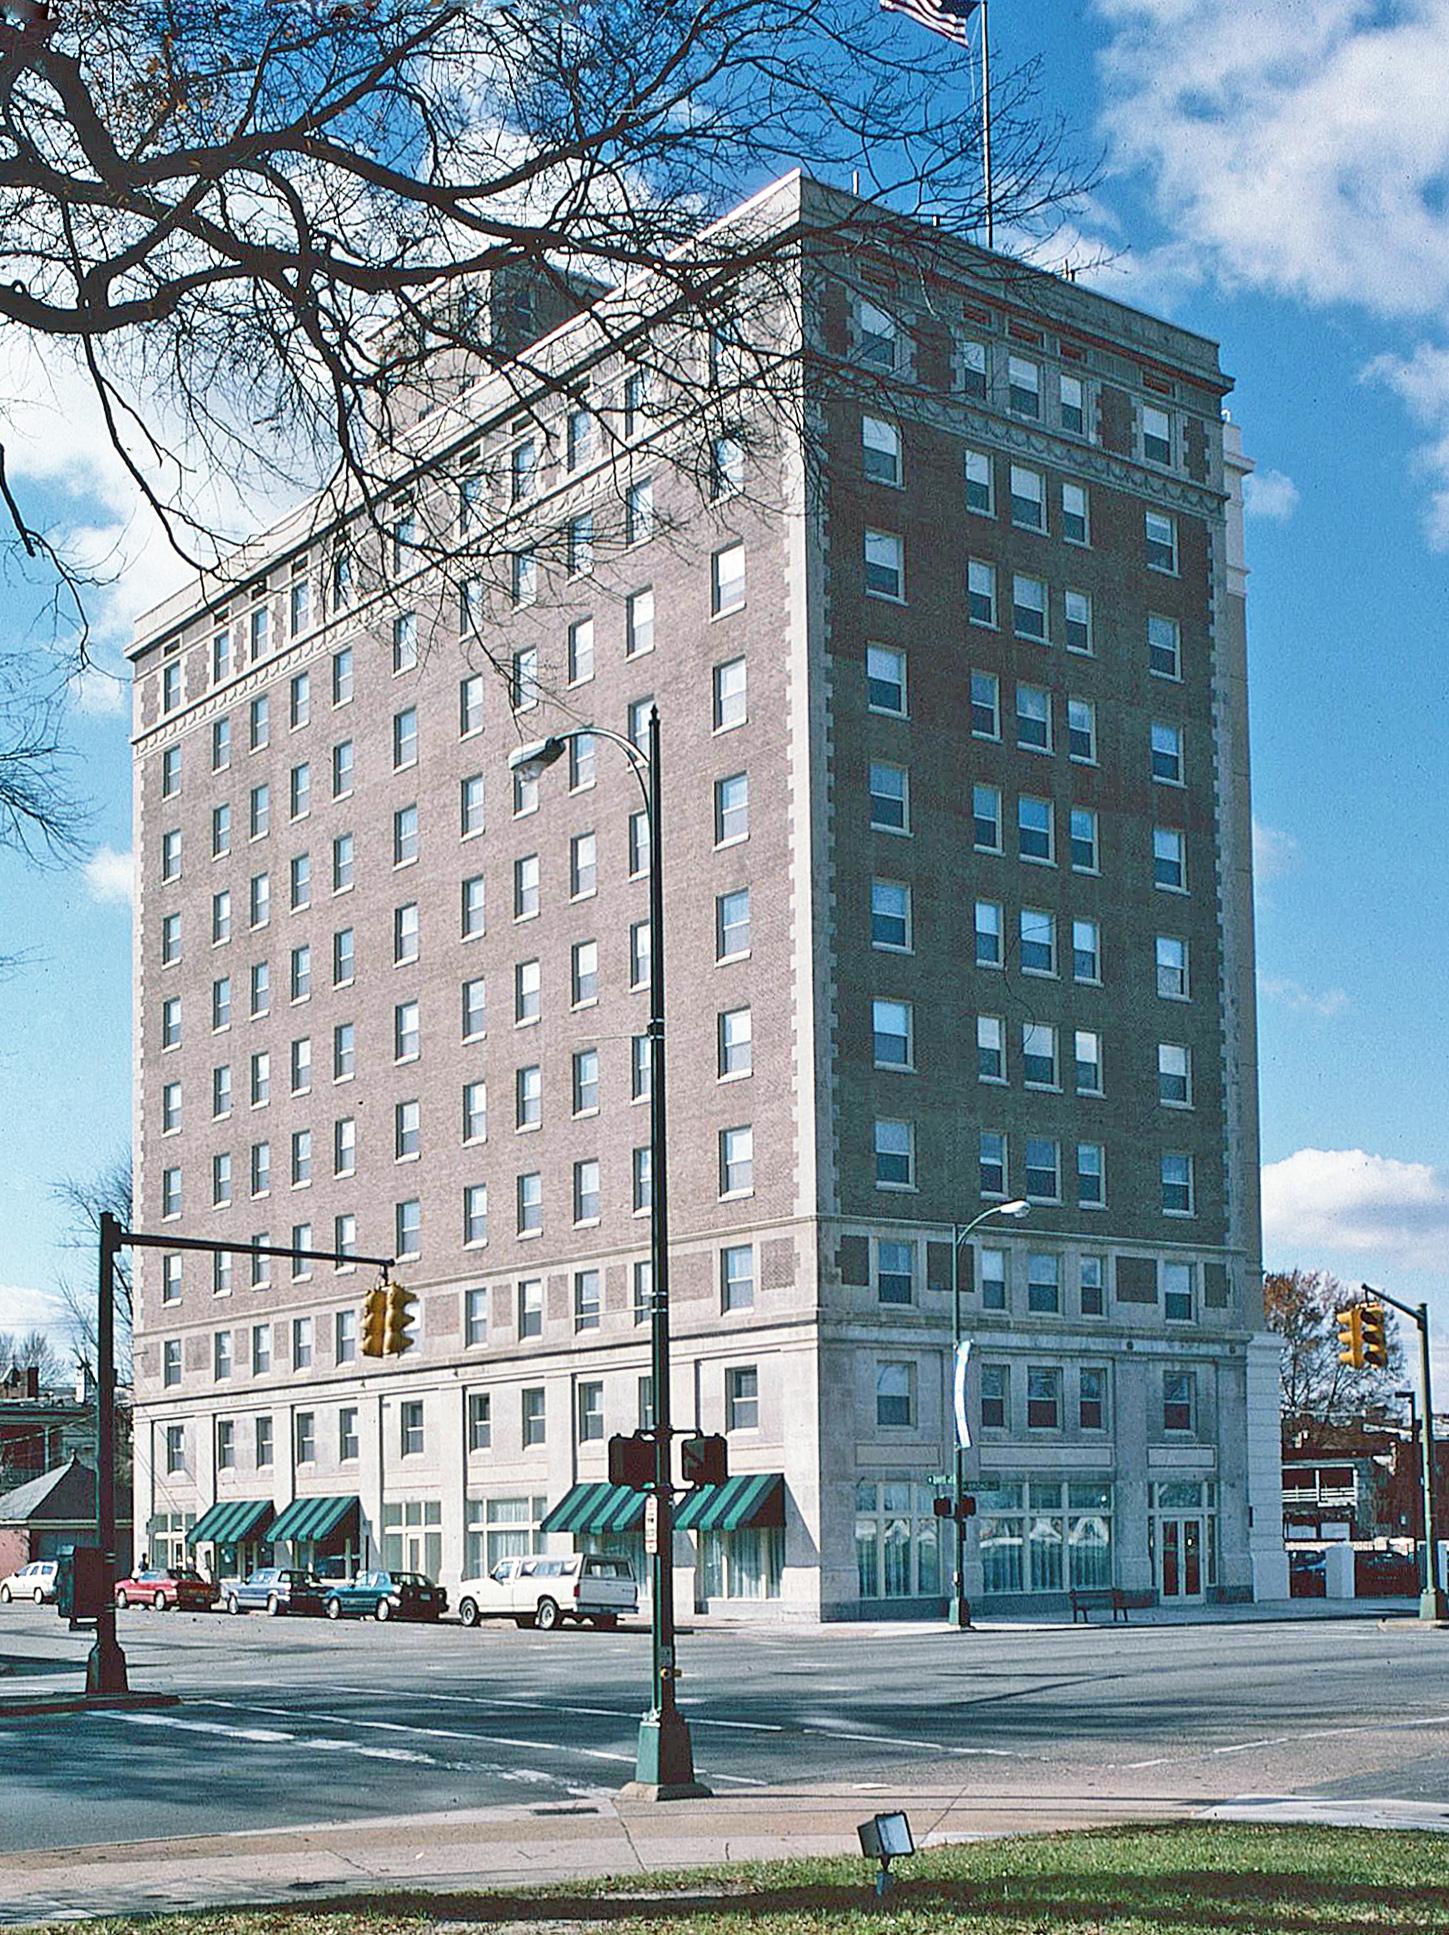 William Byrd Hotel